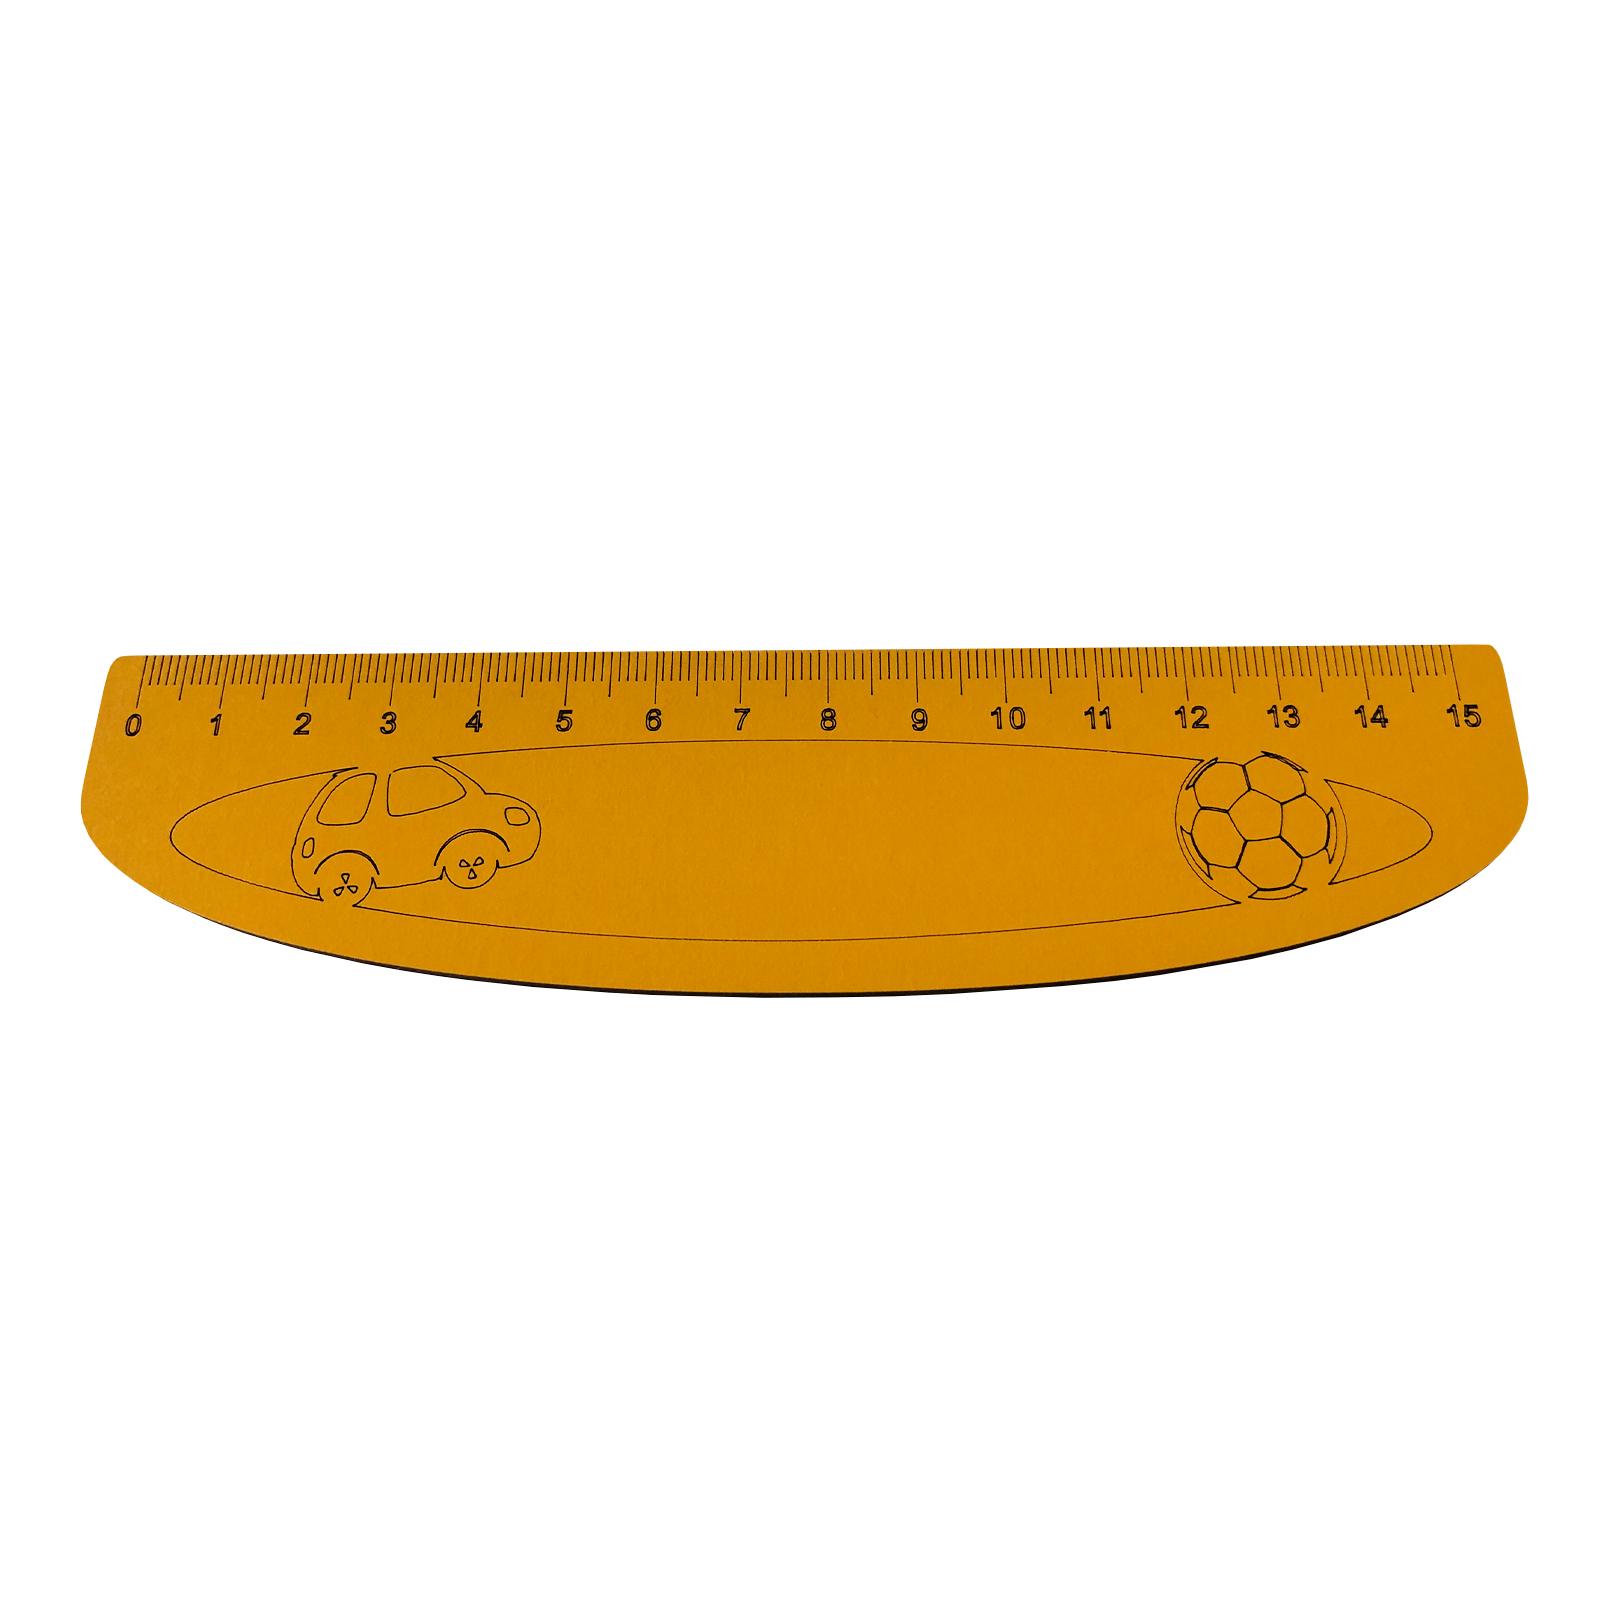 خط کش 15 سانتی متری کد kh9